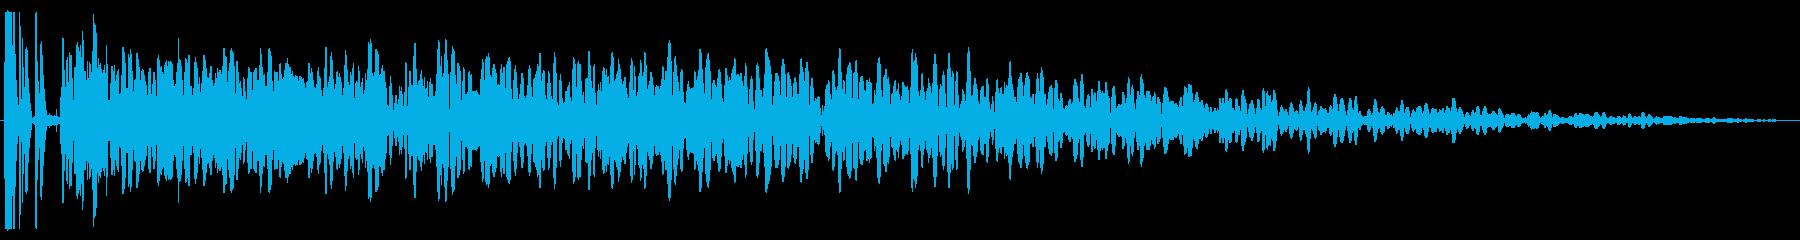 重い遠距離の原子爆弾爆発、電気干渉攻撃の再生済みの波形